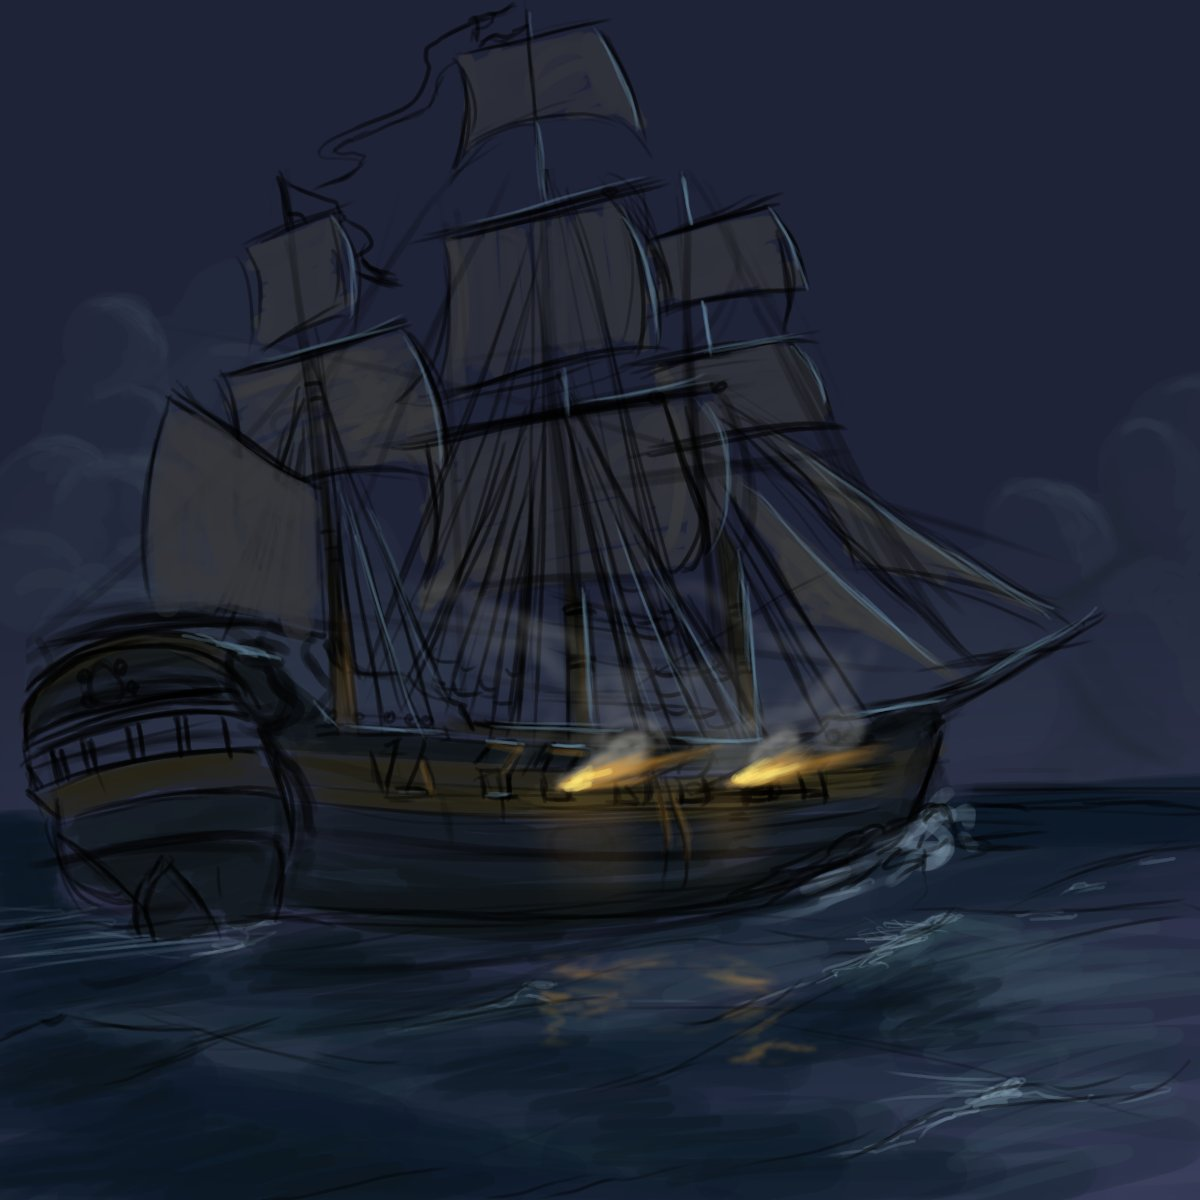 shipSketch